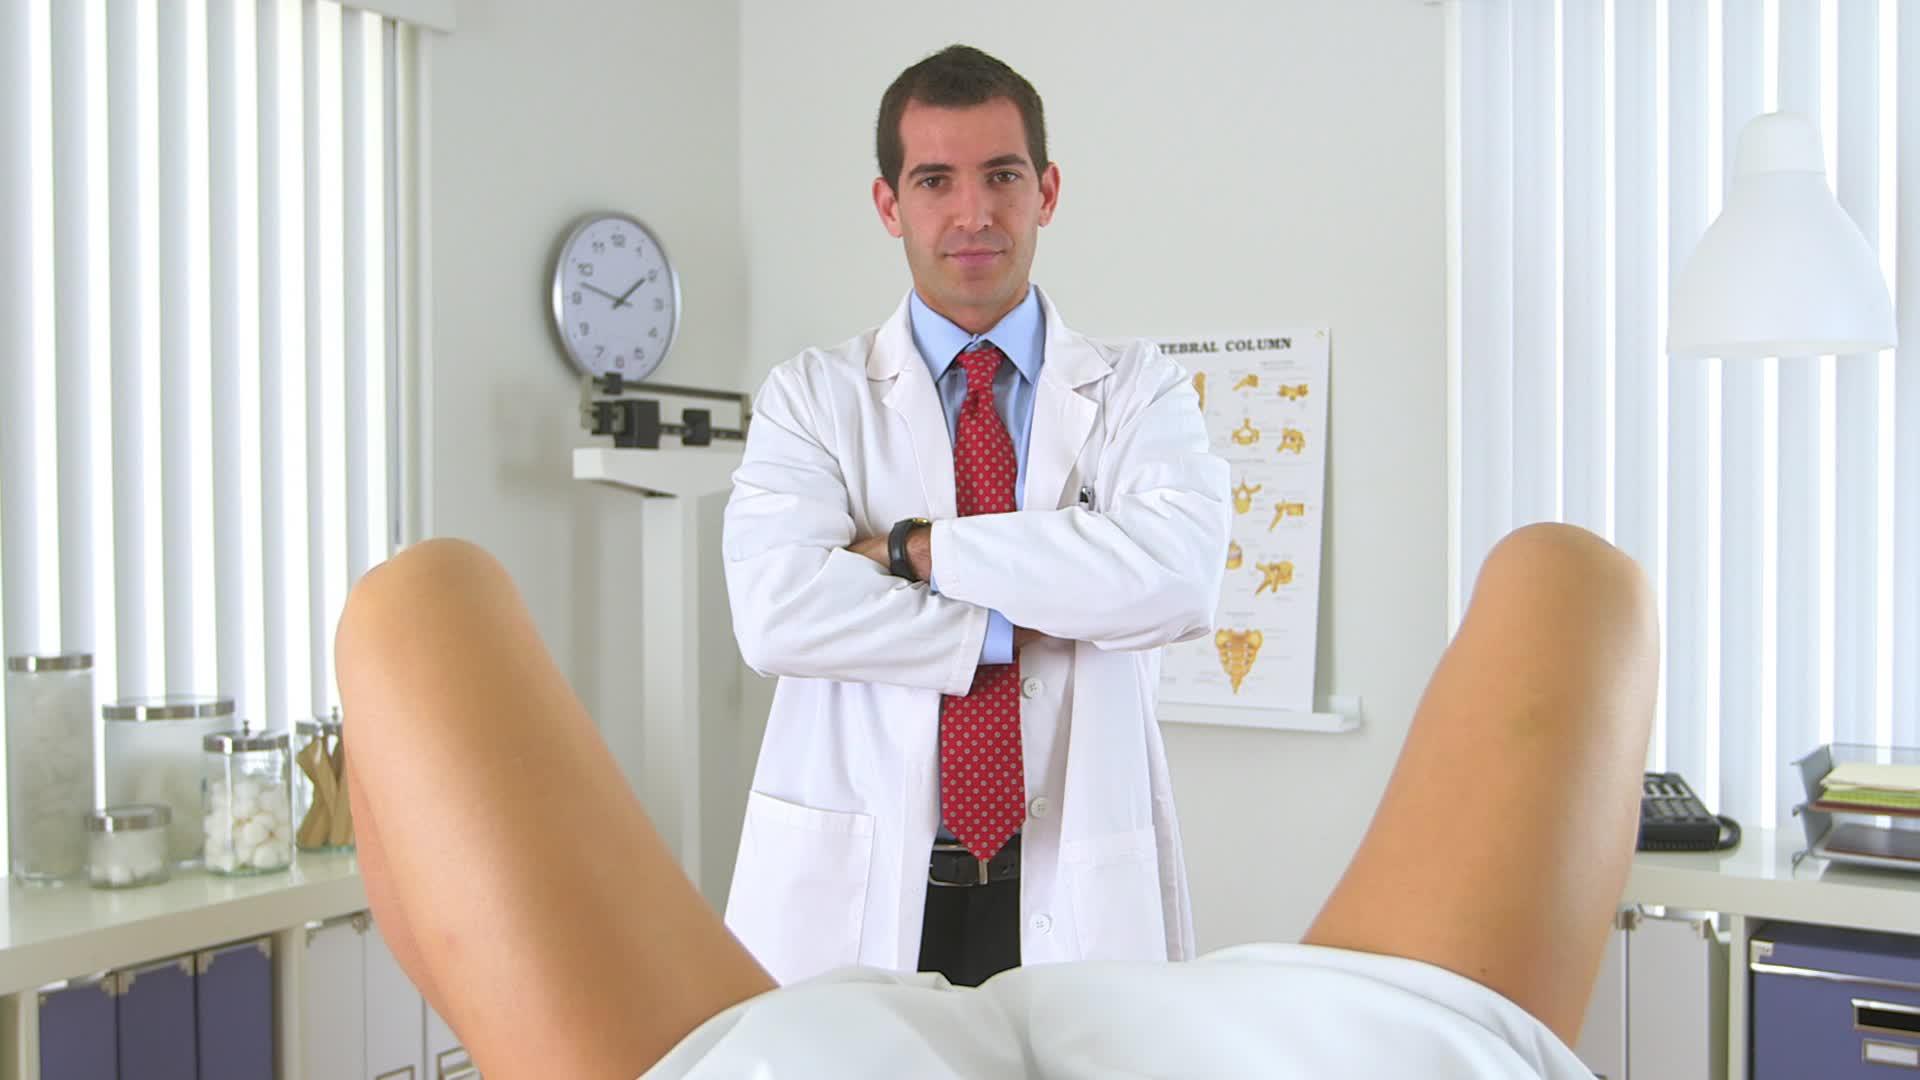 Порно смотреть осмотр гинеколога фото архив красивых